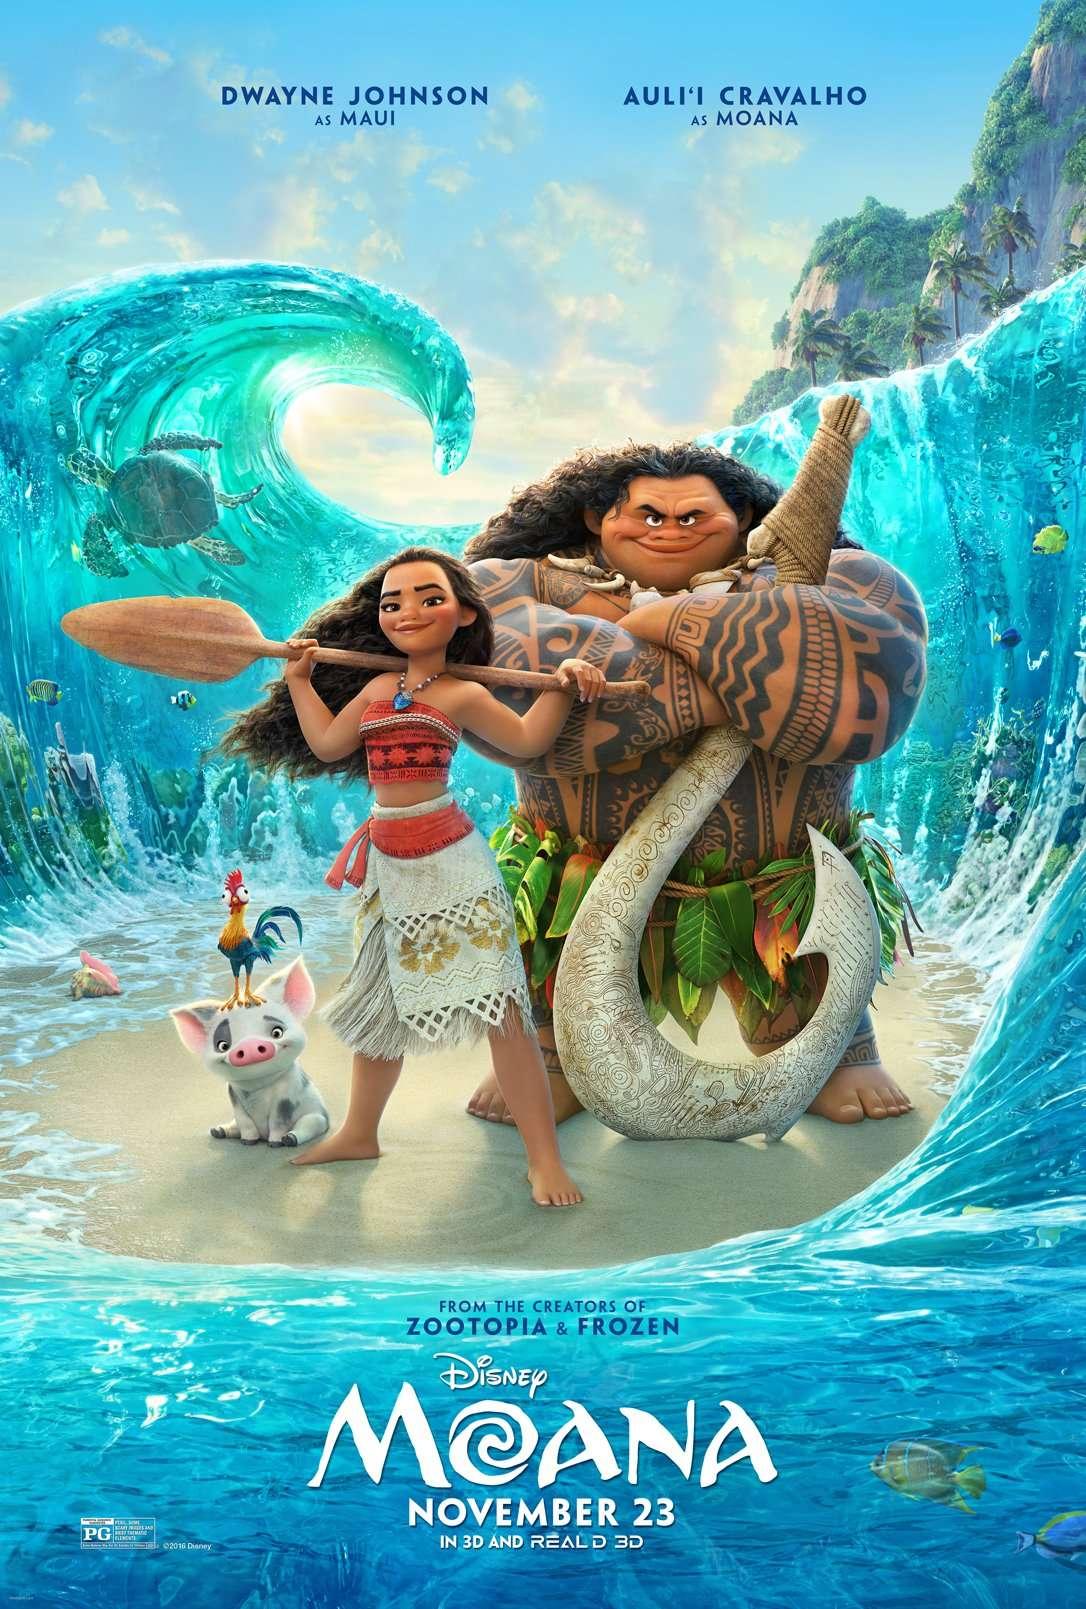 Celebrate Disney's Moana with Moana's Tropical Treat